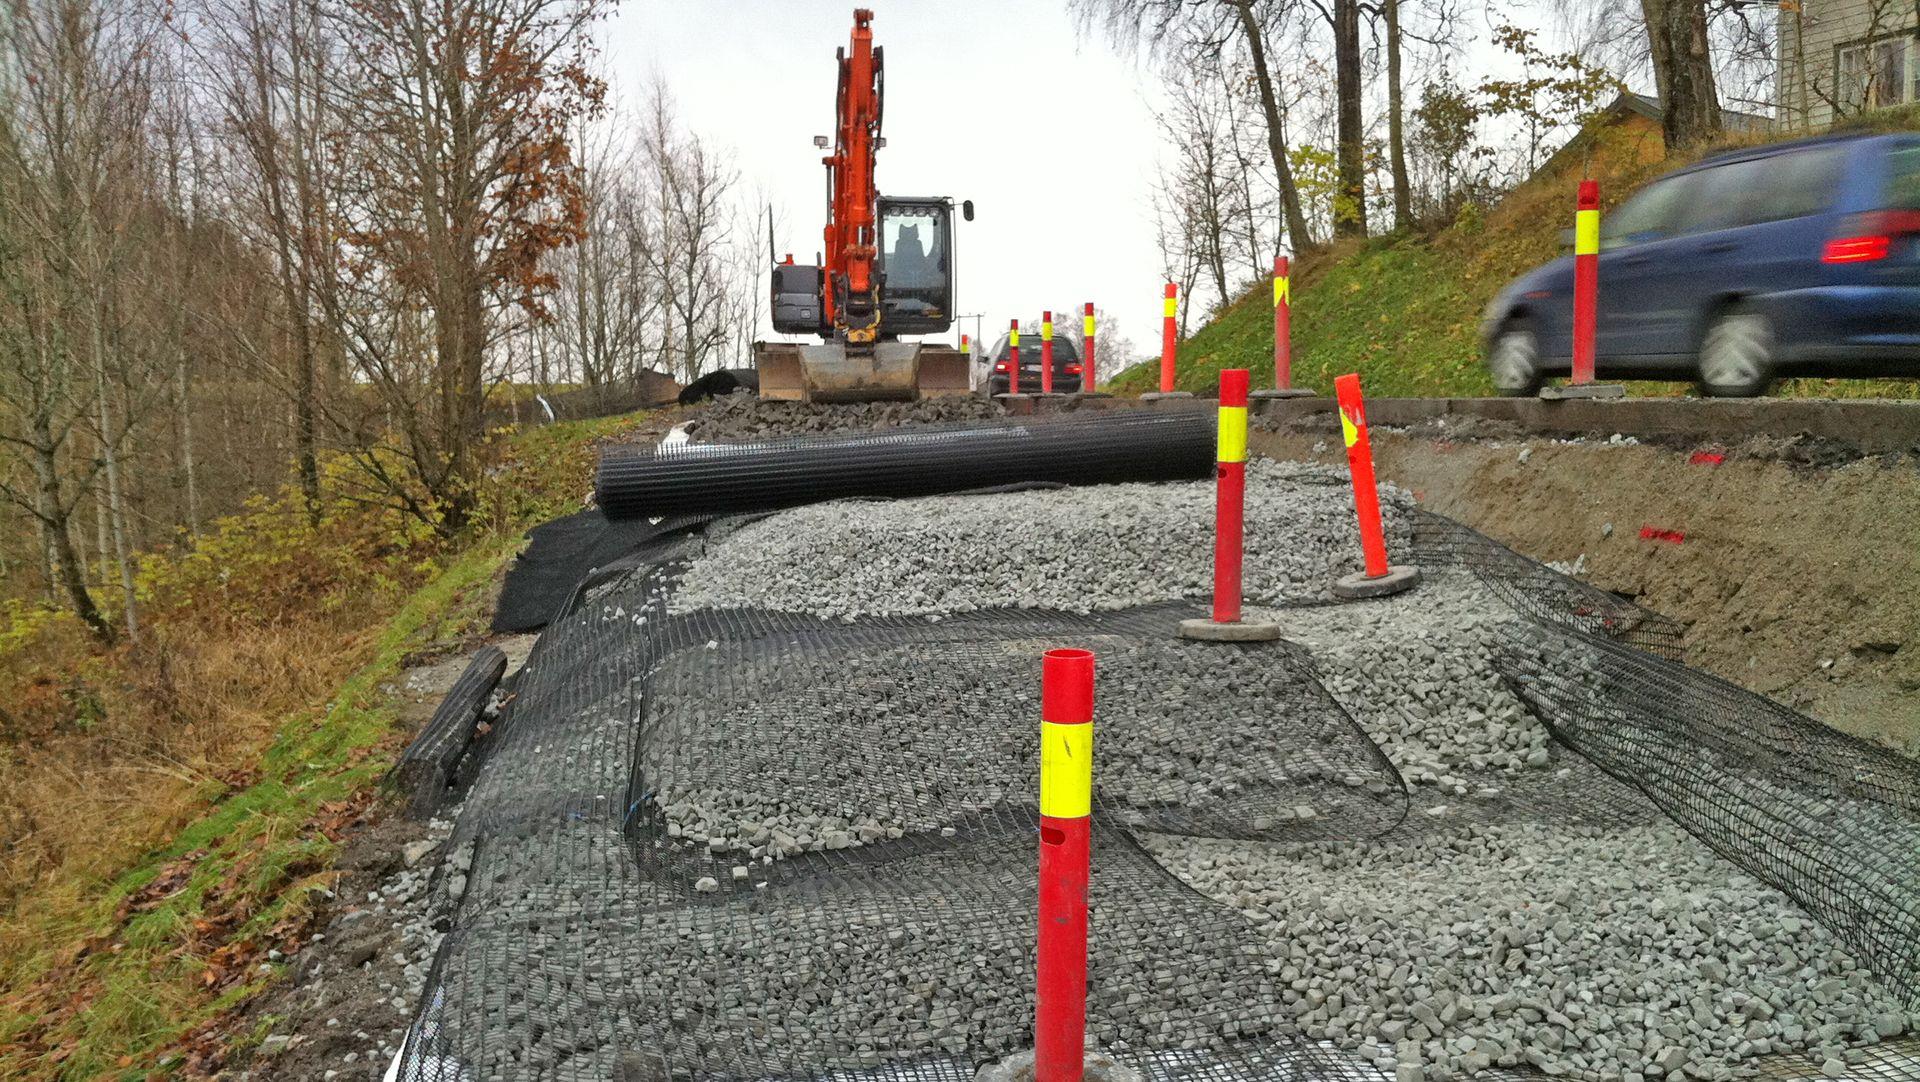 Her ser man hvordan Glasopor og geonett bygges lagvis på den siden av veien som vender ut mot skråningen samtidig som trafikken kan passere på indre felt